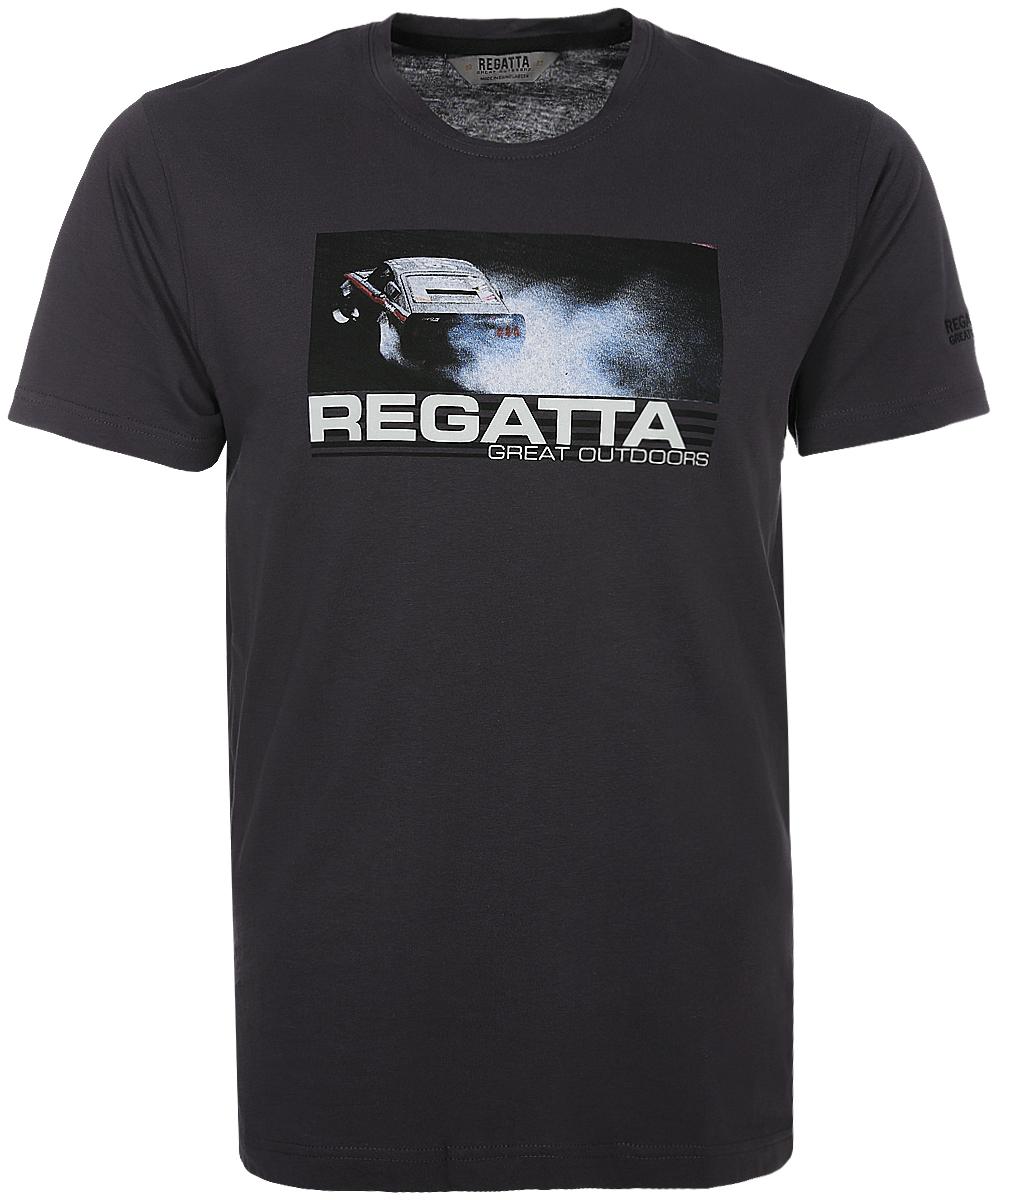 Футболка мужская Regatta Cline II, цвет: серый. RMT153-7NV. Размер L (52/54) футболка regatta футболка cline